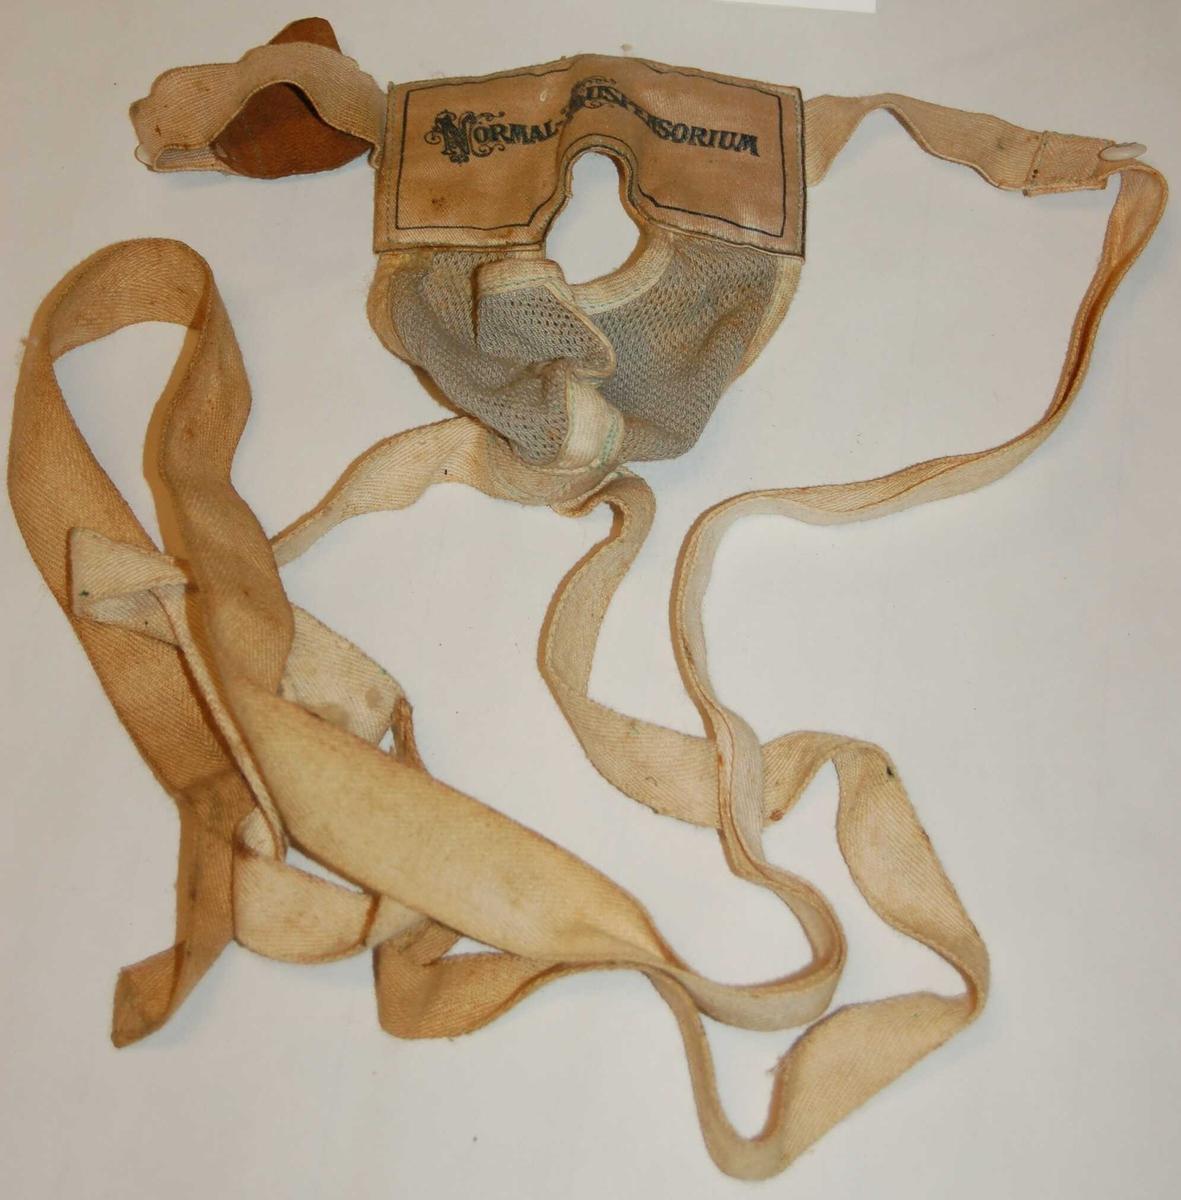 Stoffpose som omslutter pungen med åpning foran til penis. Posen er festet til tøystropper som festes omkring livet for å halde pungen oppe.